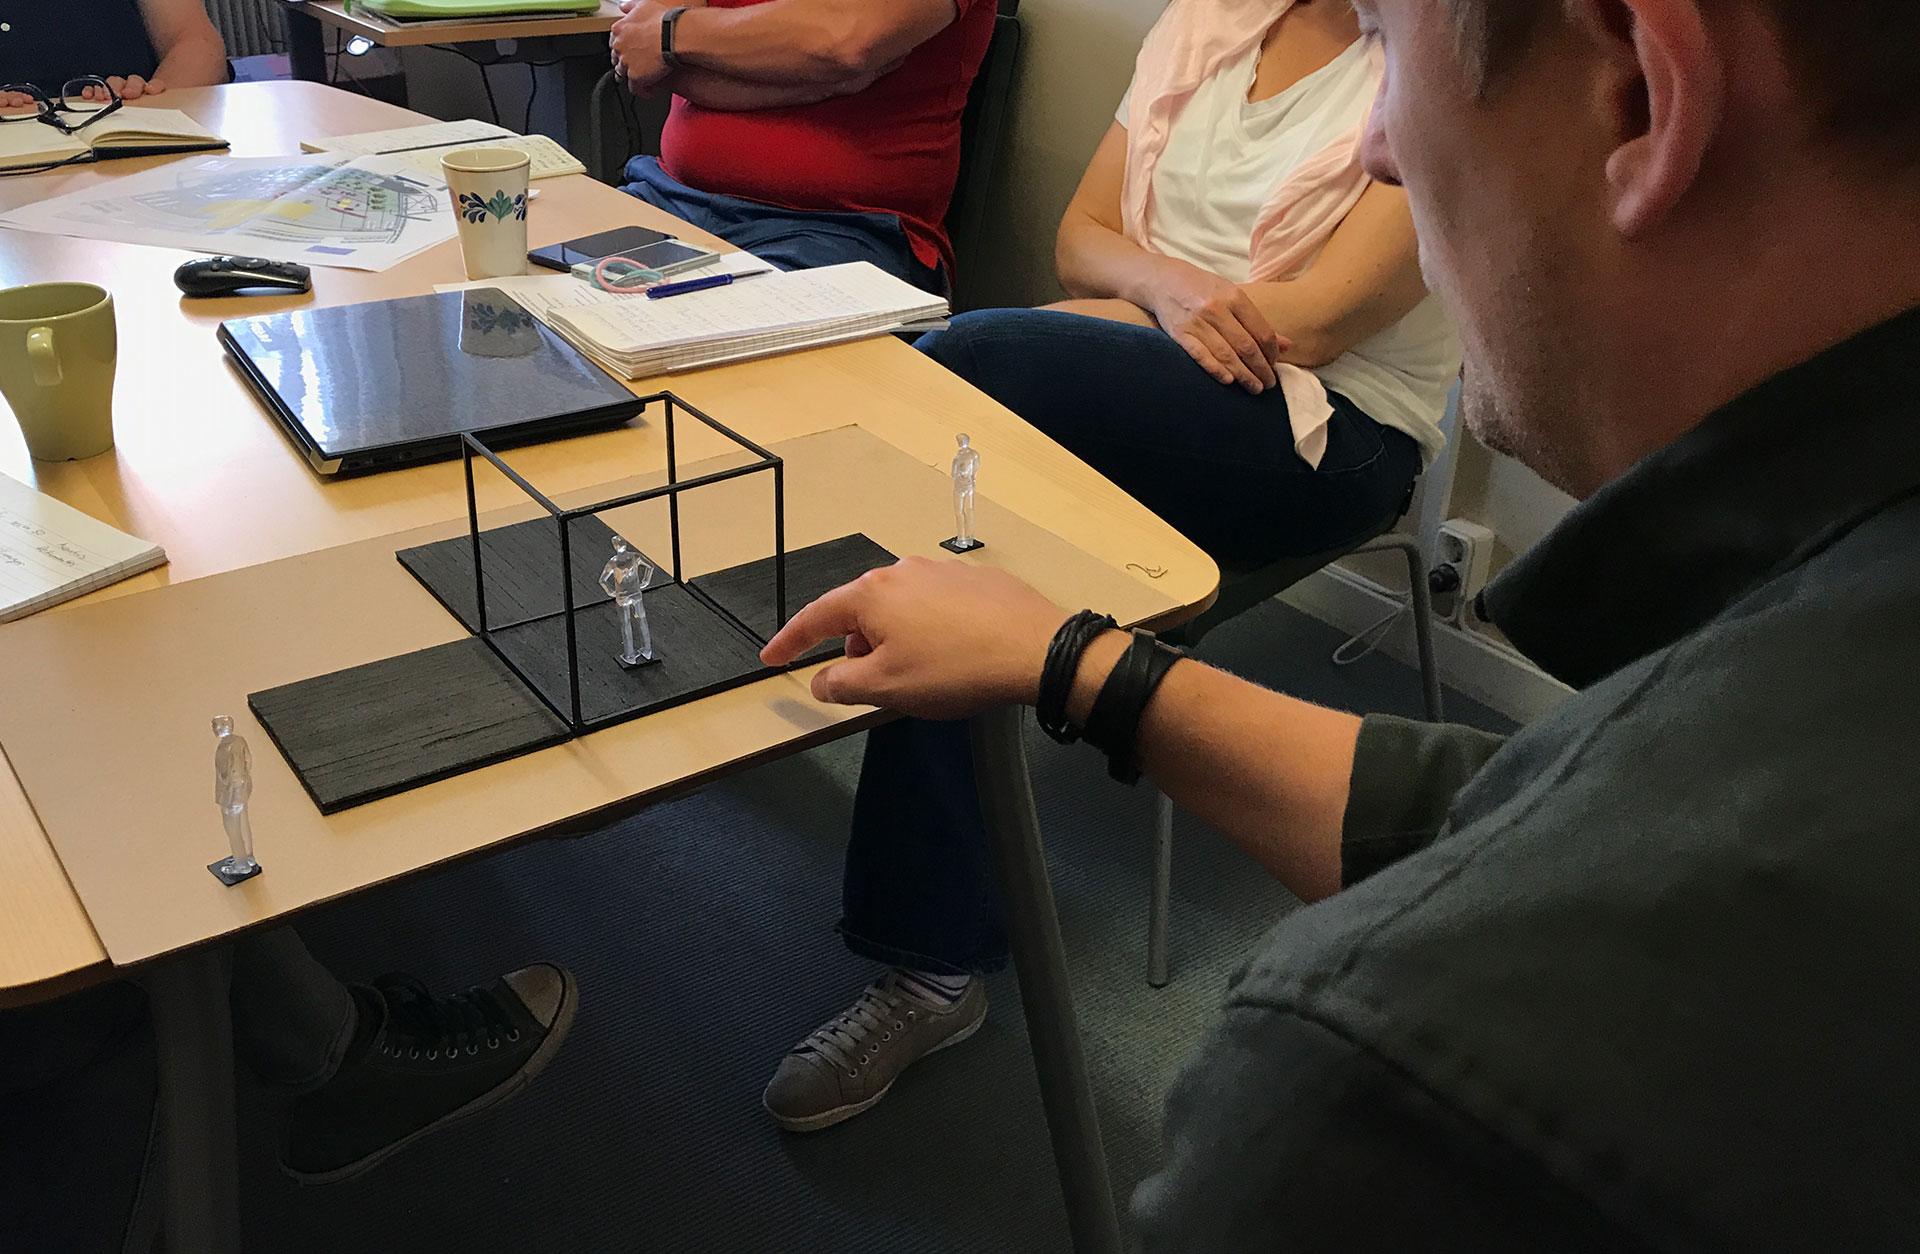 Regissörens Linus Fellbom sitter vid ett bord med människor runt om, och visar upp scenmodellen.